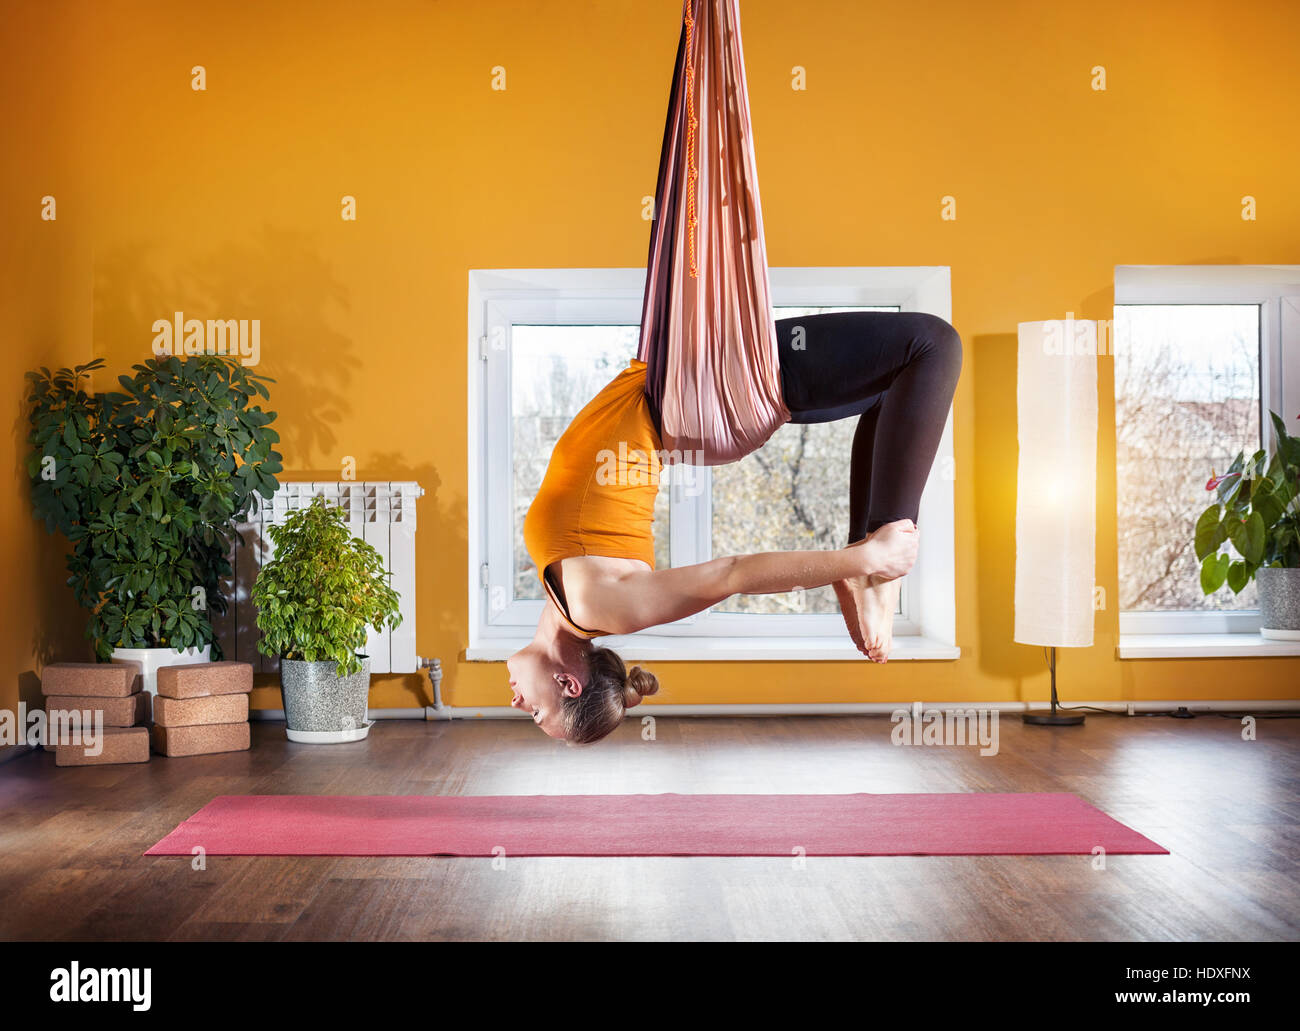 Giovane donna facendo antigravity yoga indietro la posizione di piegatura in studio con pareti di colore giallo Immagini Stock